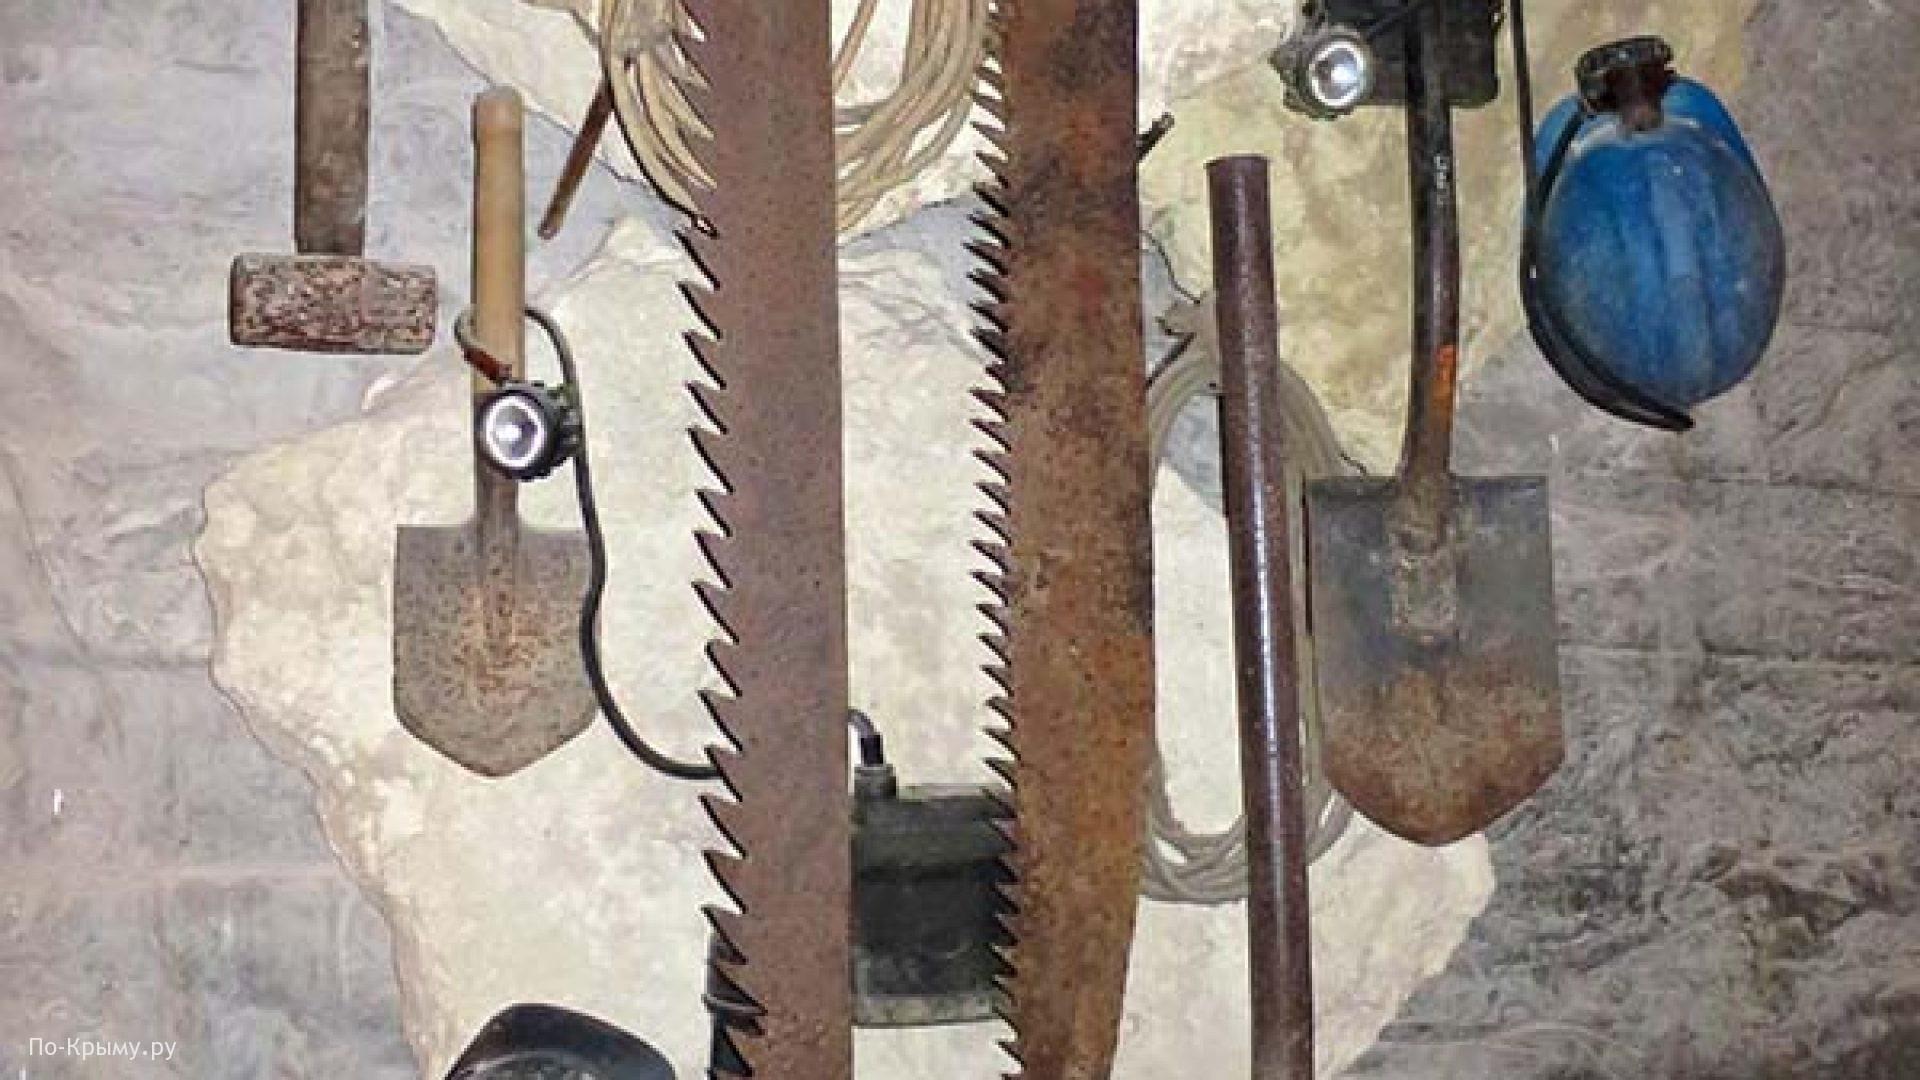 Необычные инструменты для подземных работ